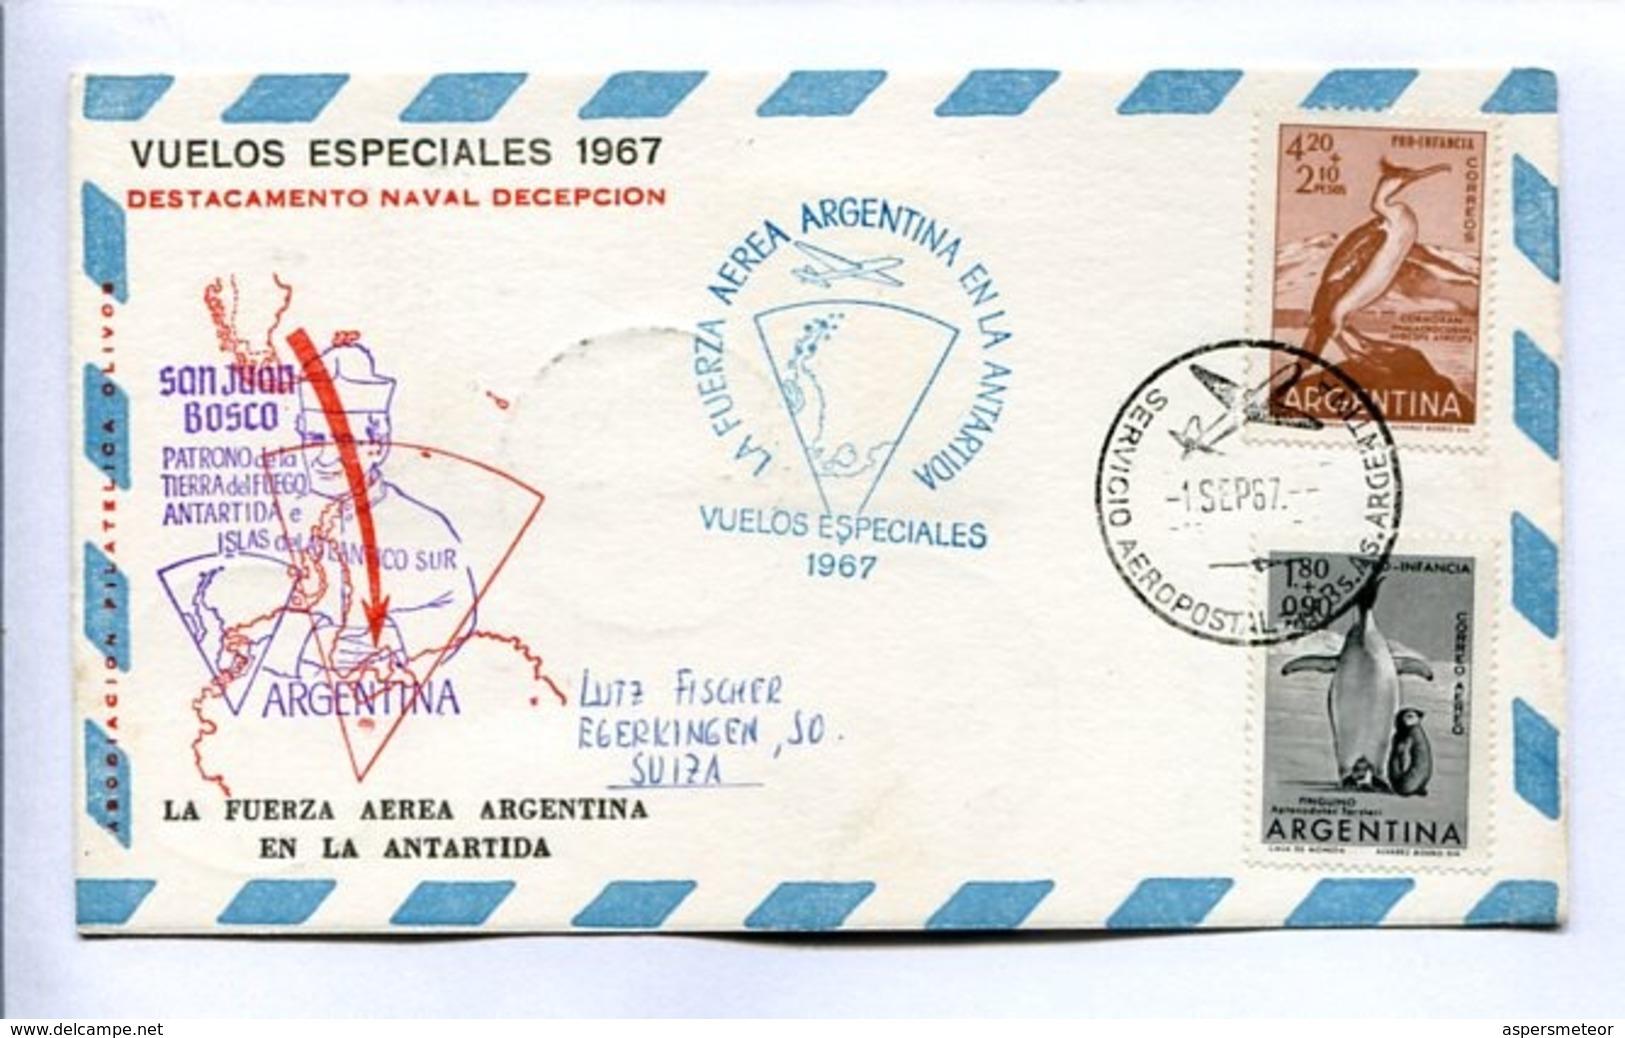 VUELOS ESPECIALES 1967 - DESTACAMENTO NAVAL DECEPCIÓN. FUERZA AEREA ARGENTINA EN LA ANTÁRTIDA. CARTE PAR AVION -LILHU - Vuelos Polares